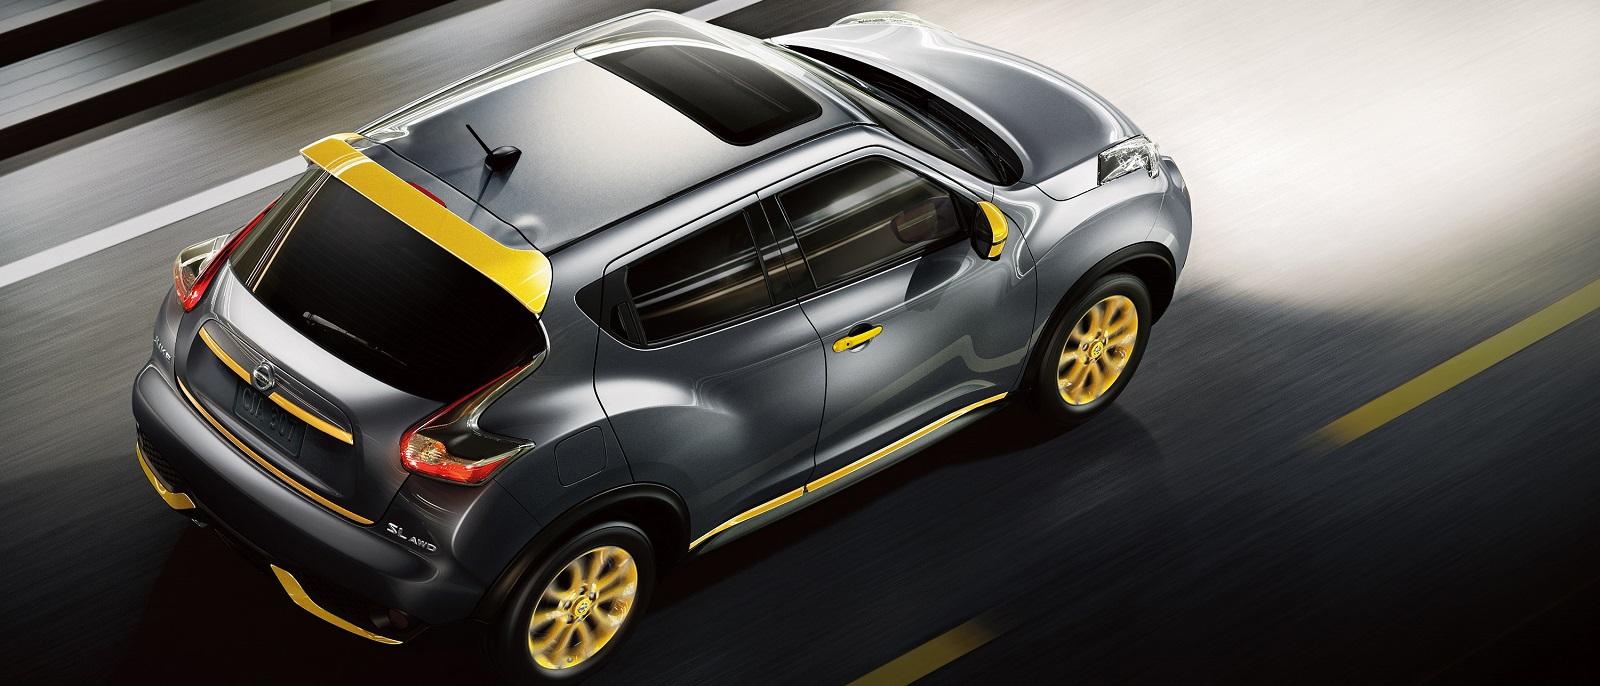 2016 Nissan Juke Gun Metallic Top